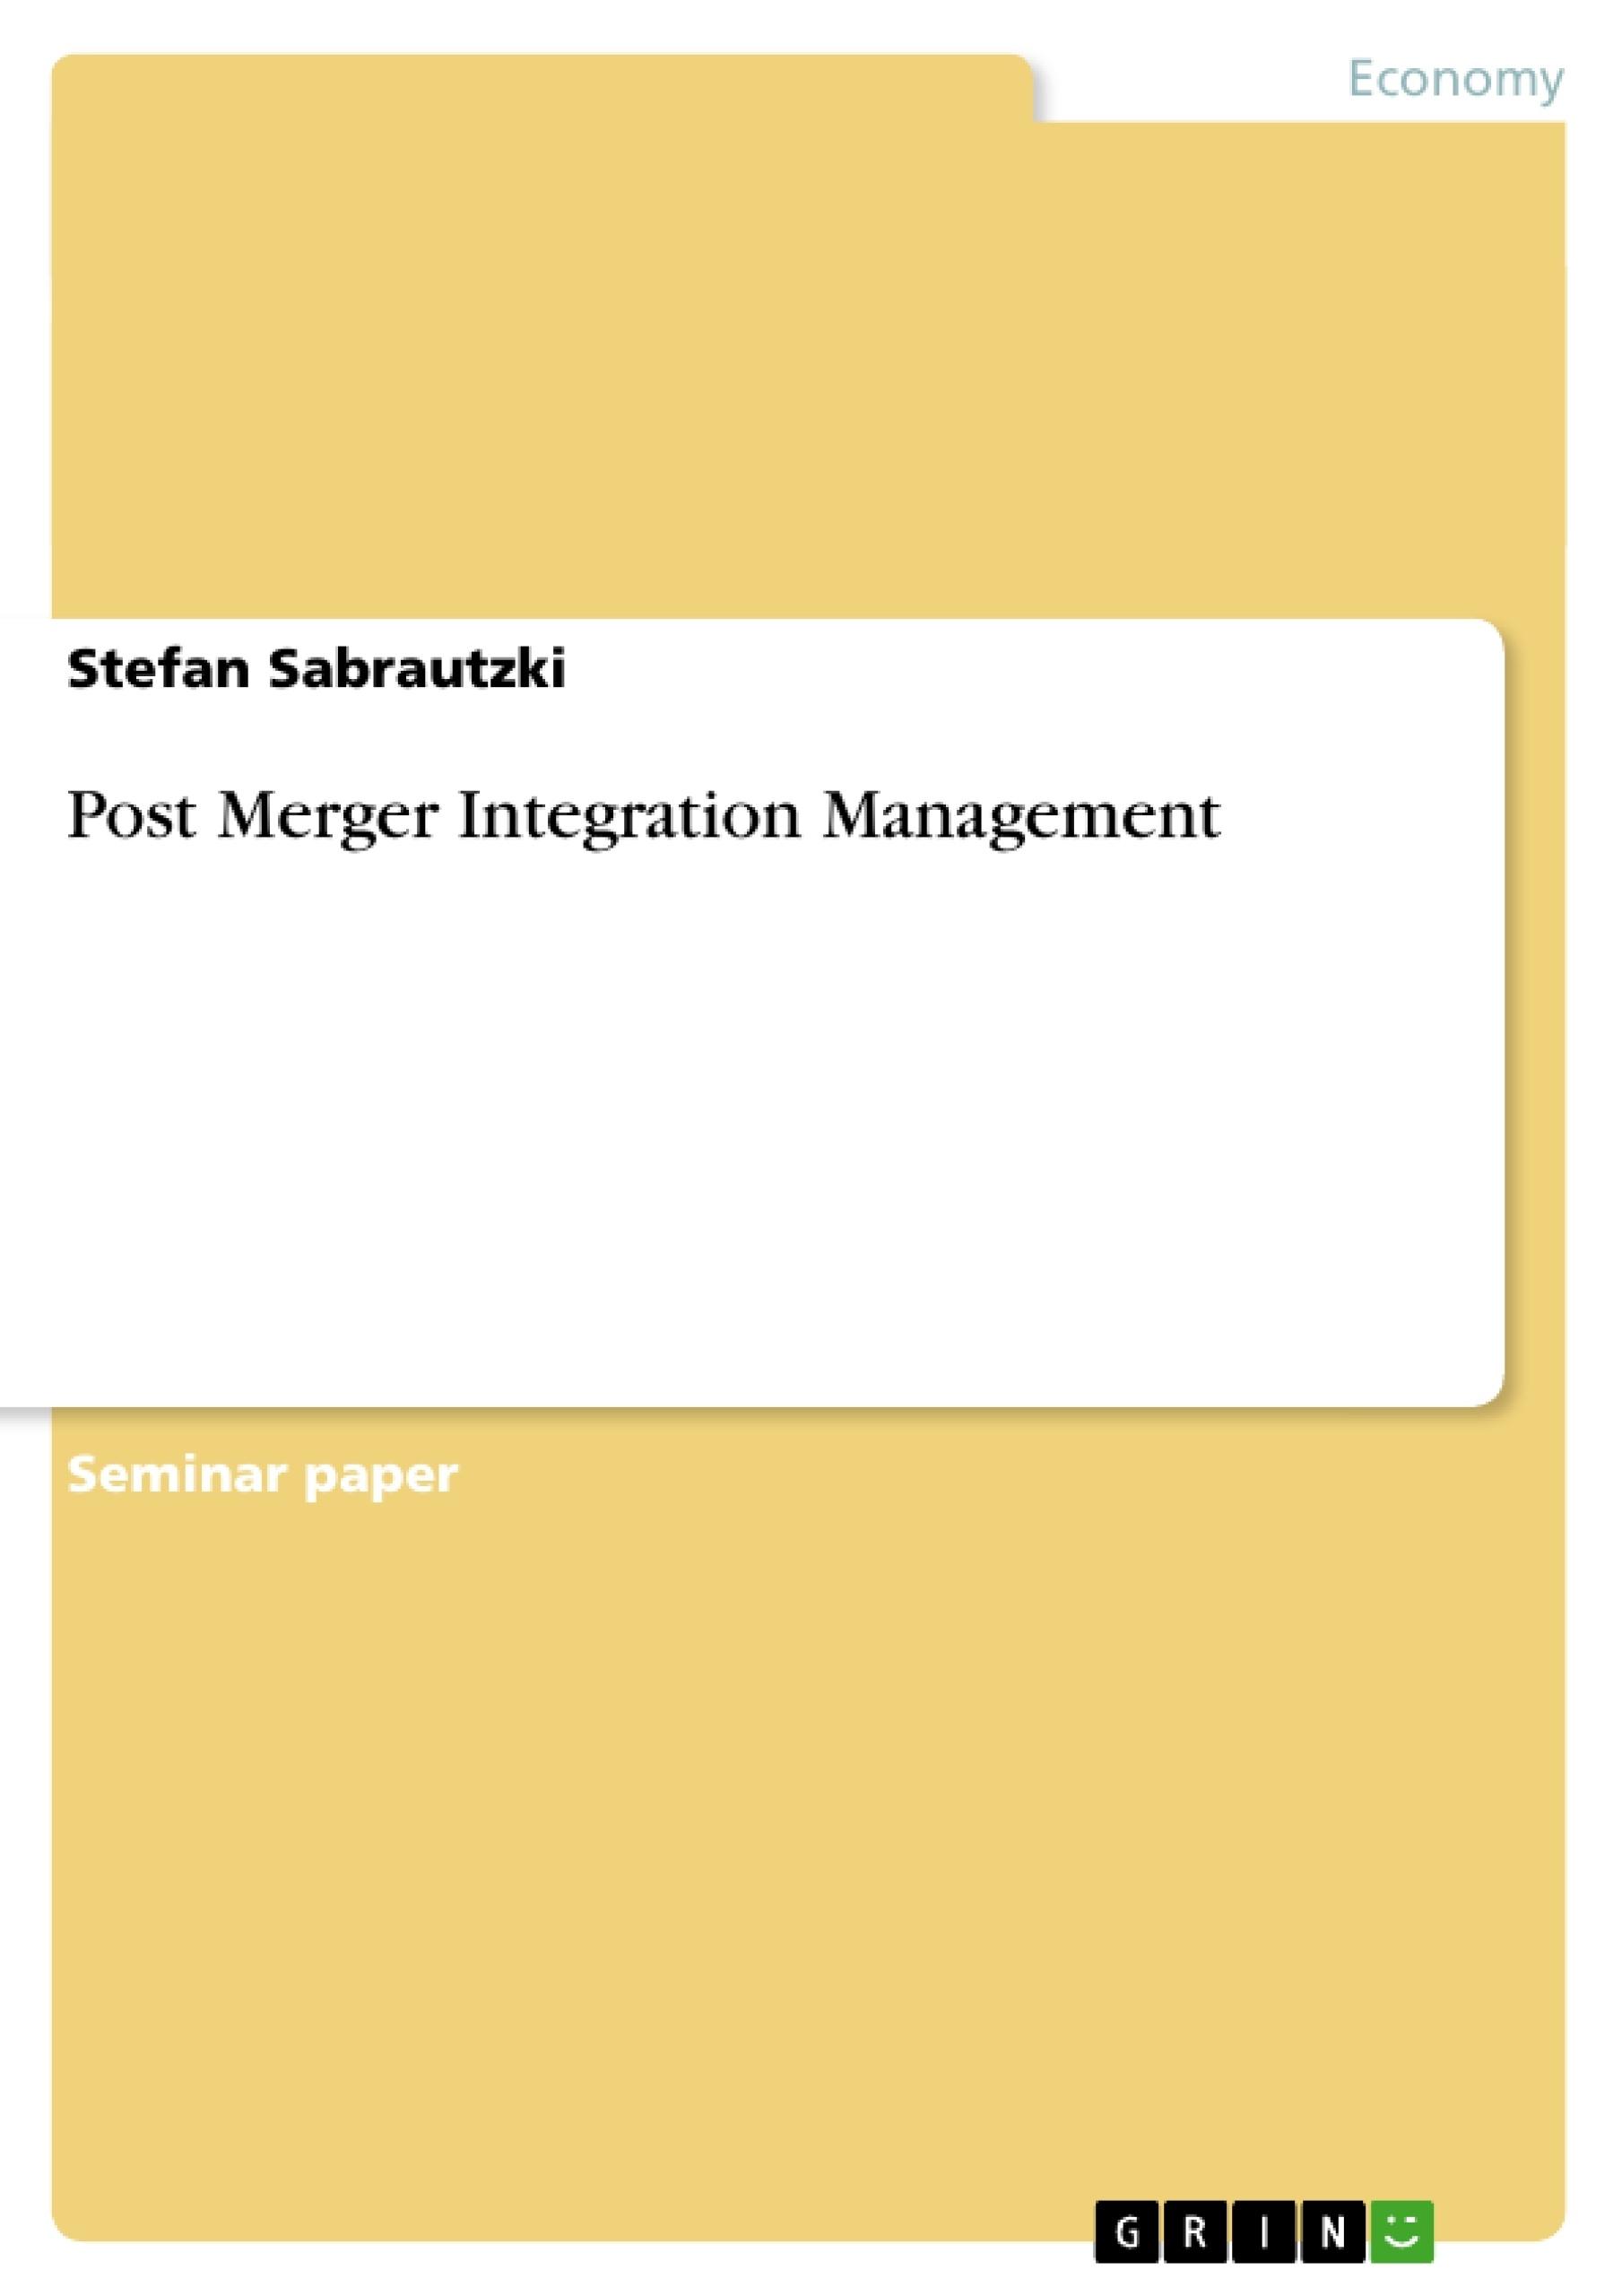 Title: Post Merger Integration Management